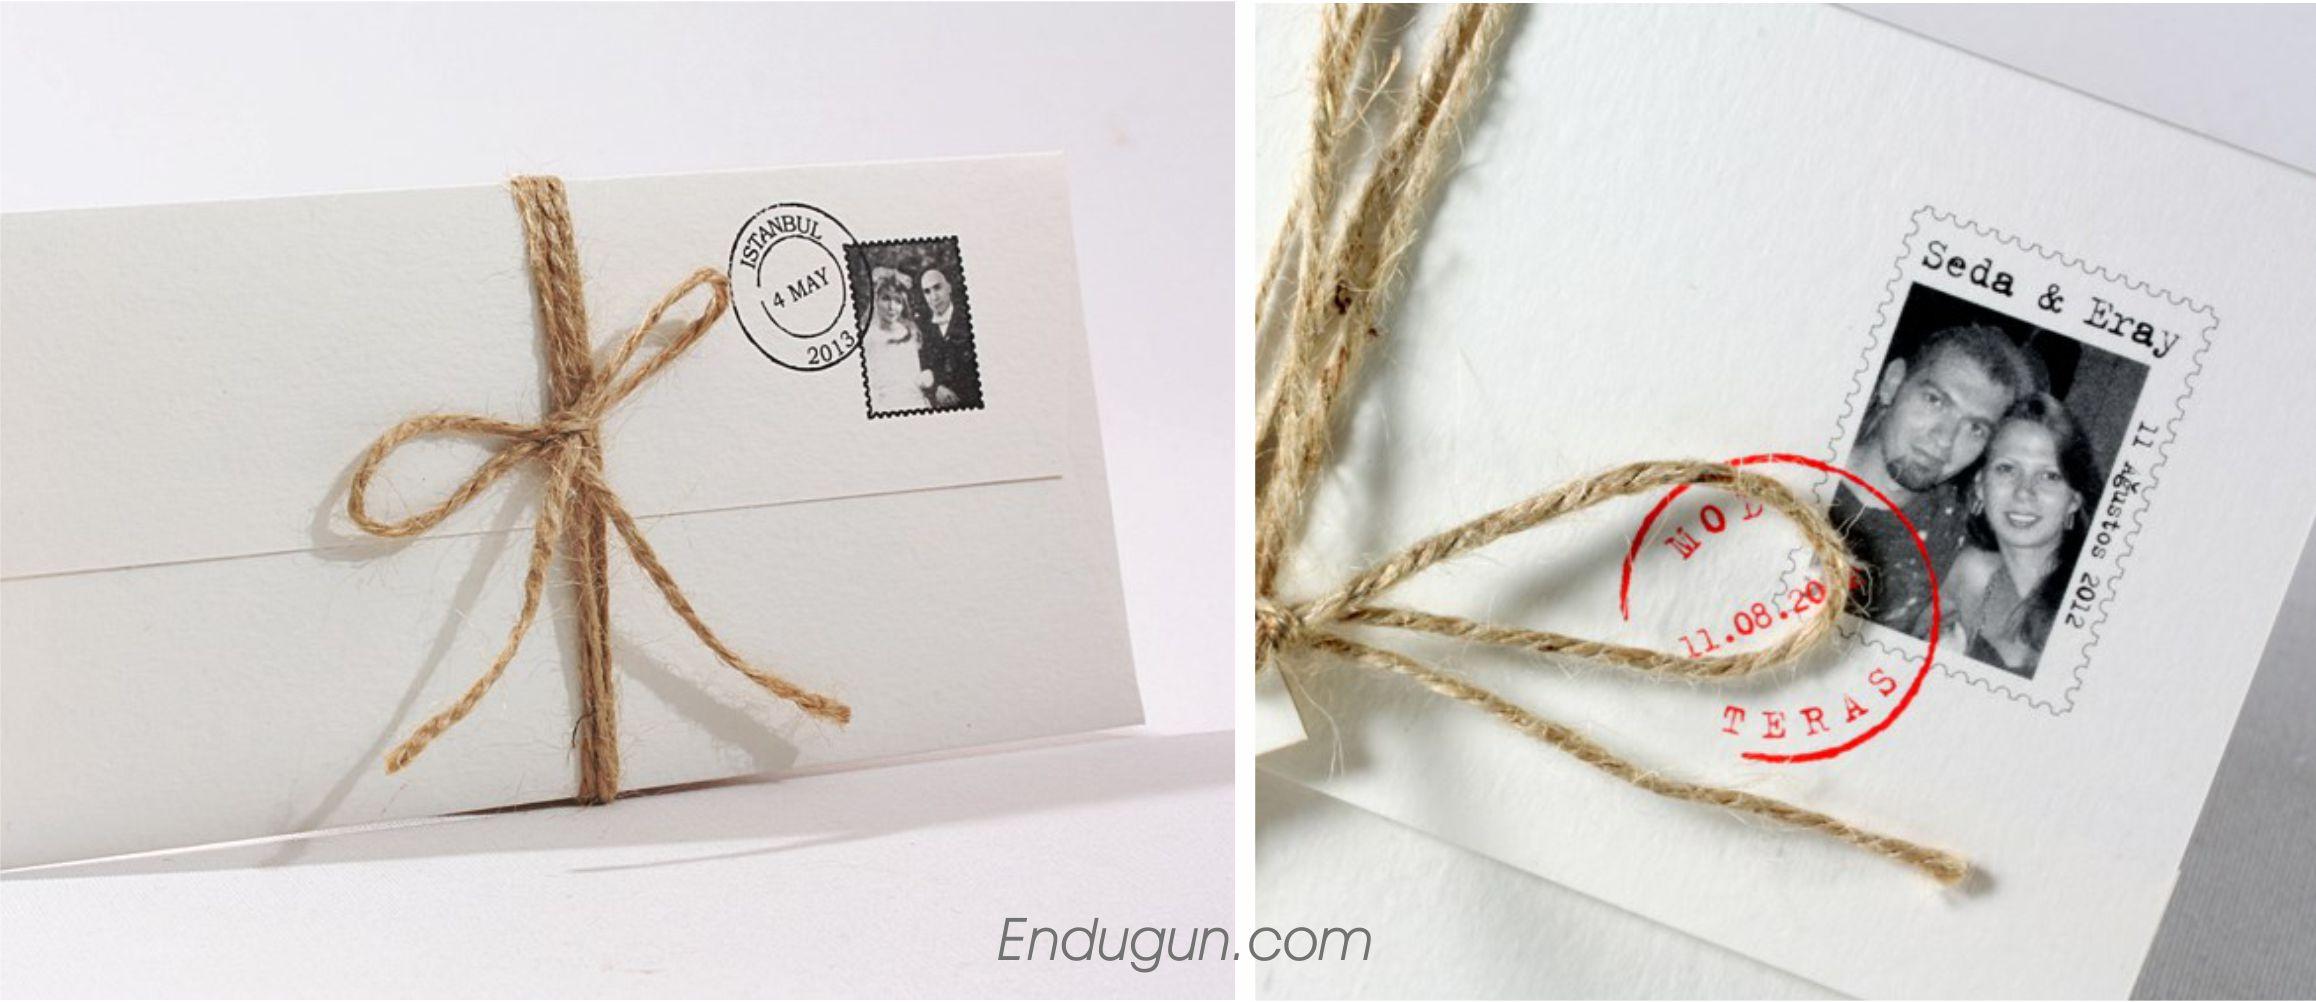 Posta pullu düğün davetiyesi